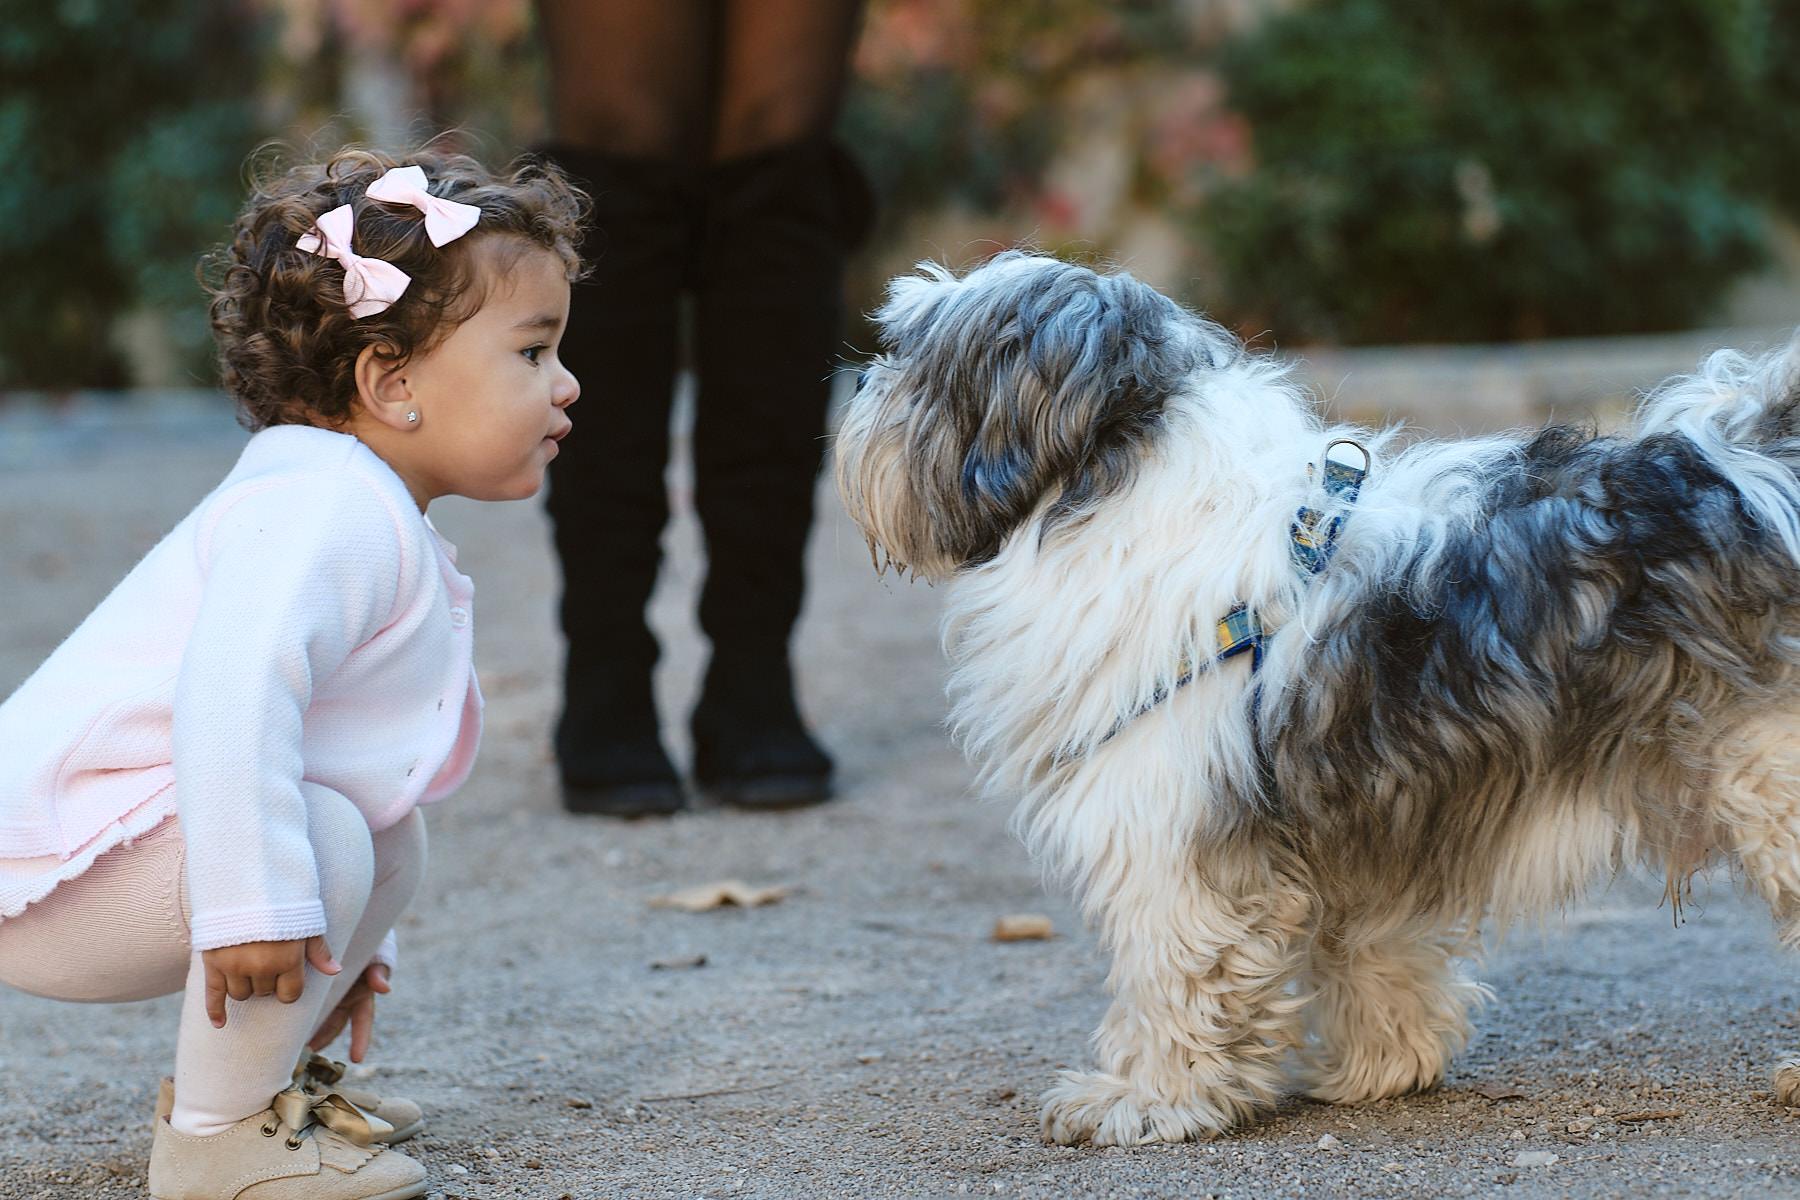 bebe curioseando con perro en parque